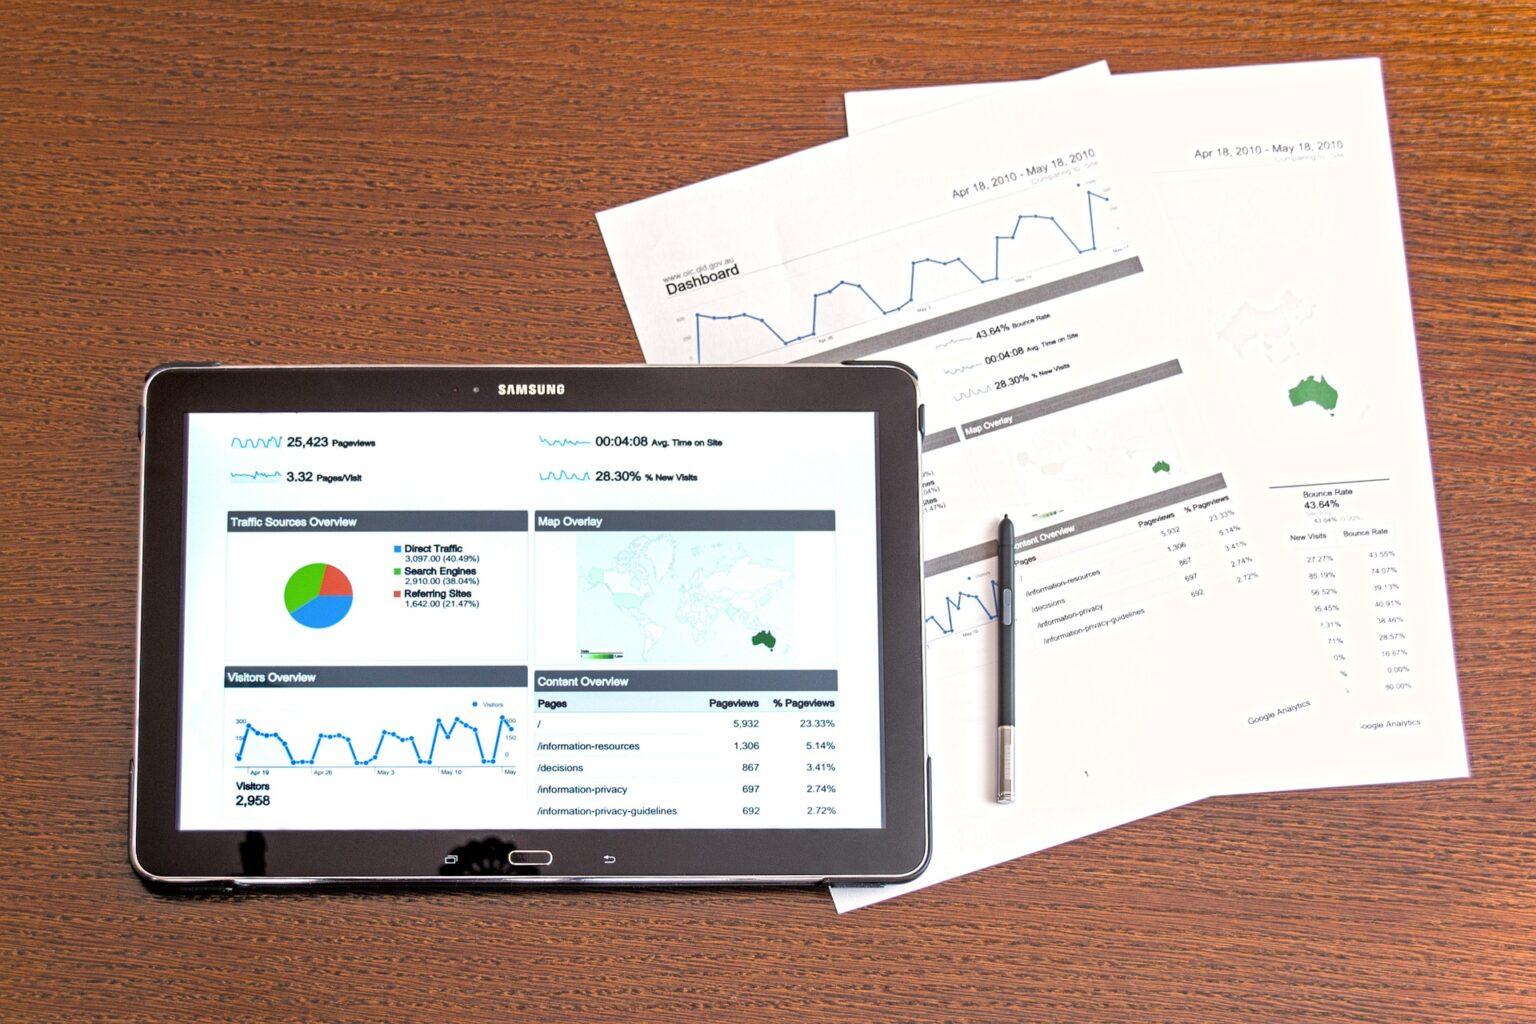 Orçamento de capital: saiba o que ele representa para uma empresa